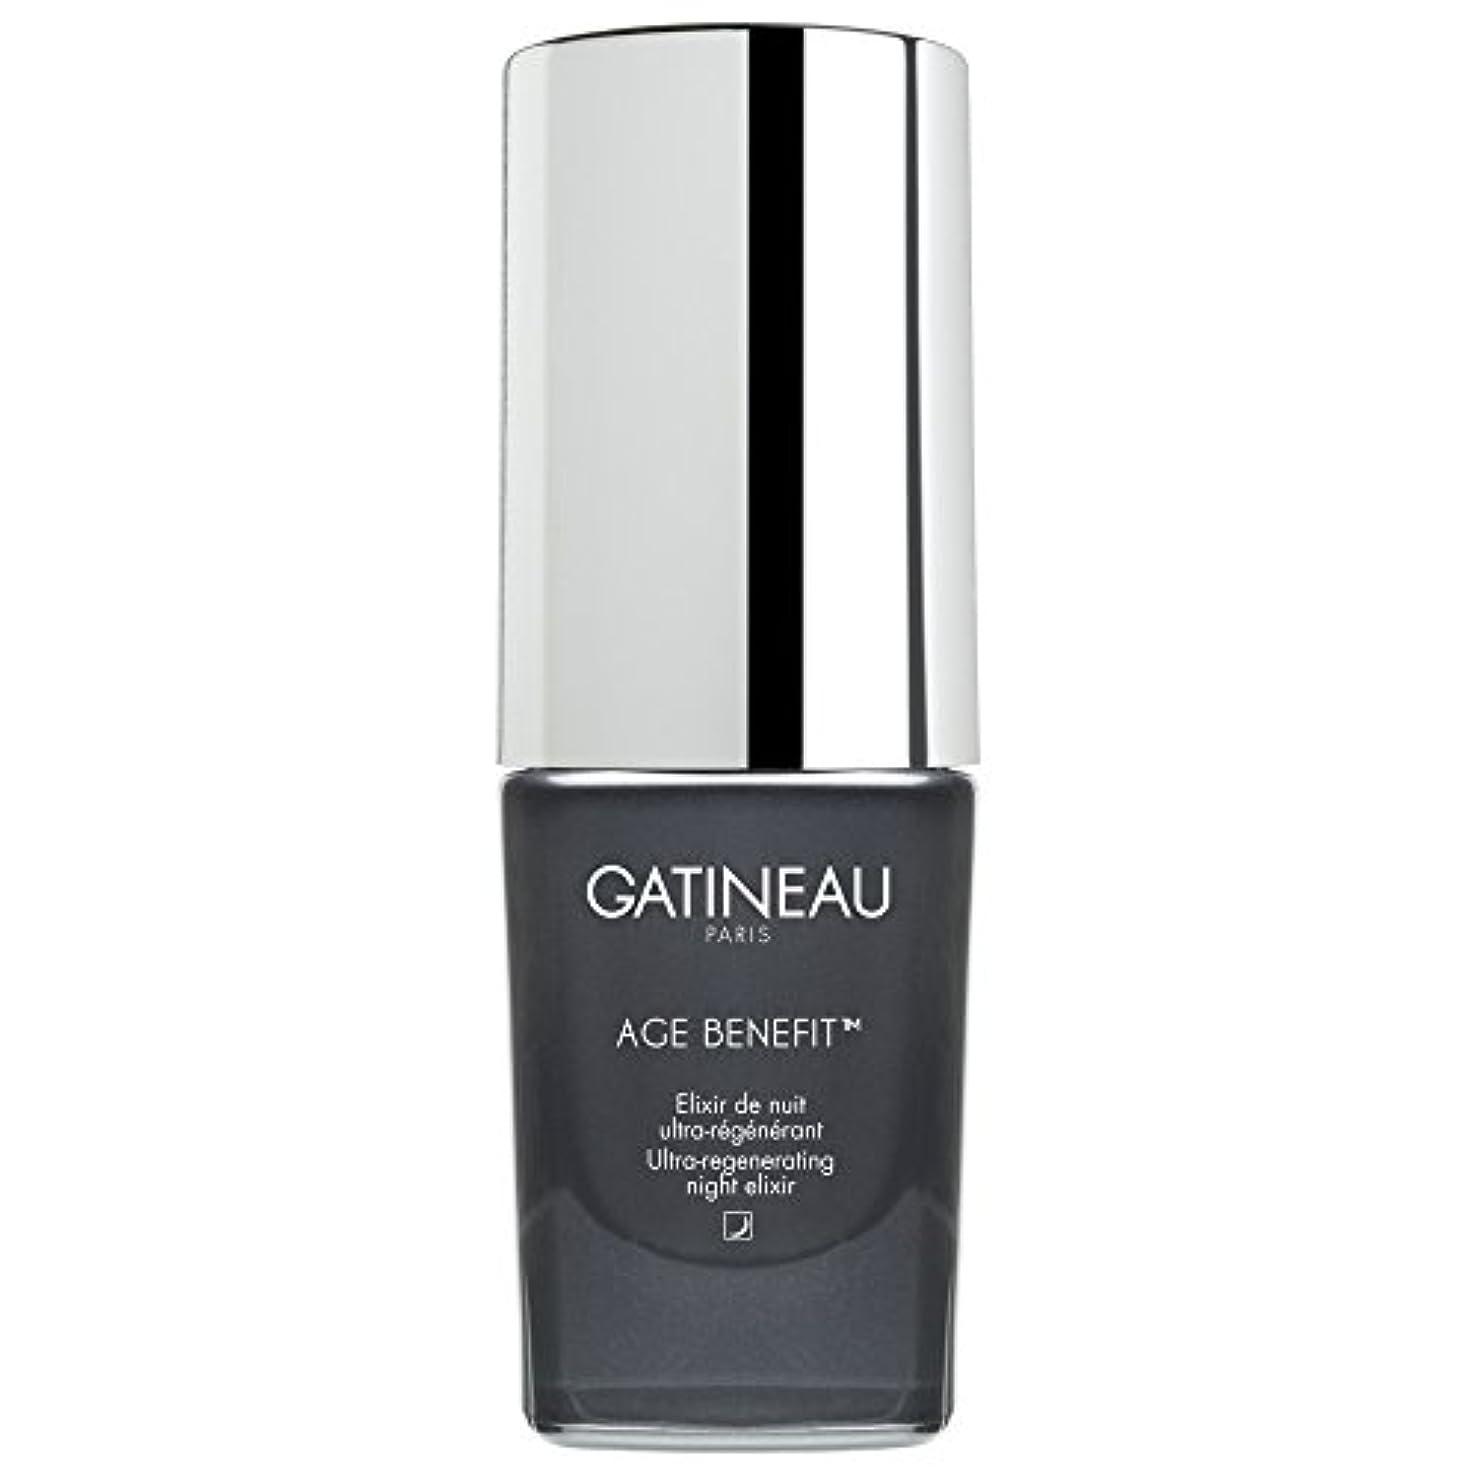 怒っているアクセシブルハブブガティノー年齢給付超再生夜のエリクシルの15ミリリットル (Gatineau) (x6) - Gatineau Age Benefit Ultra-Regenerating Night Elixir 15ml (Pack...